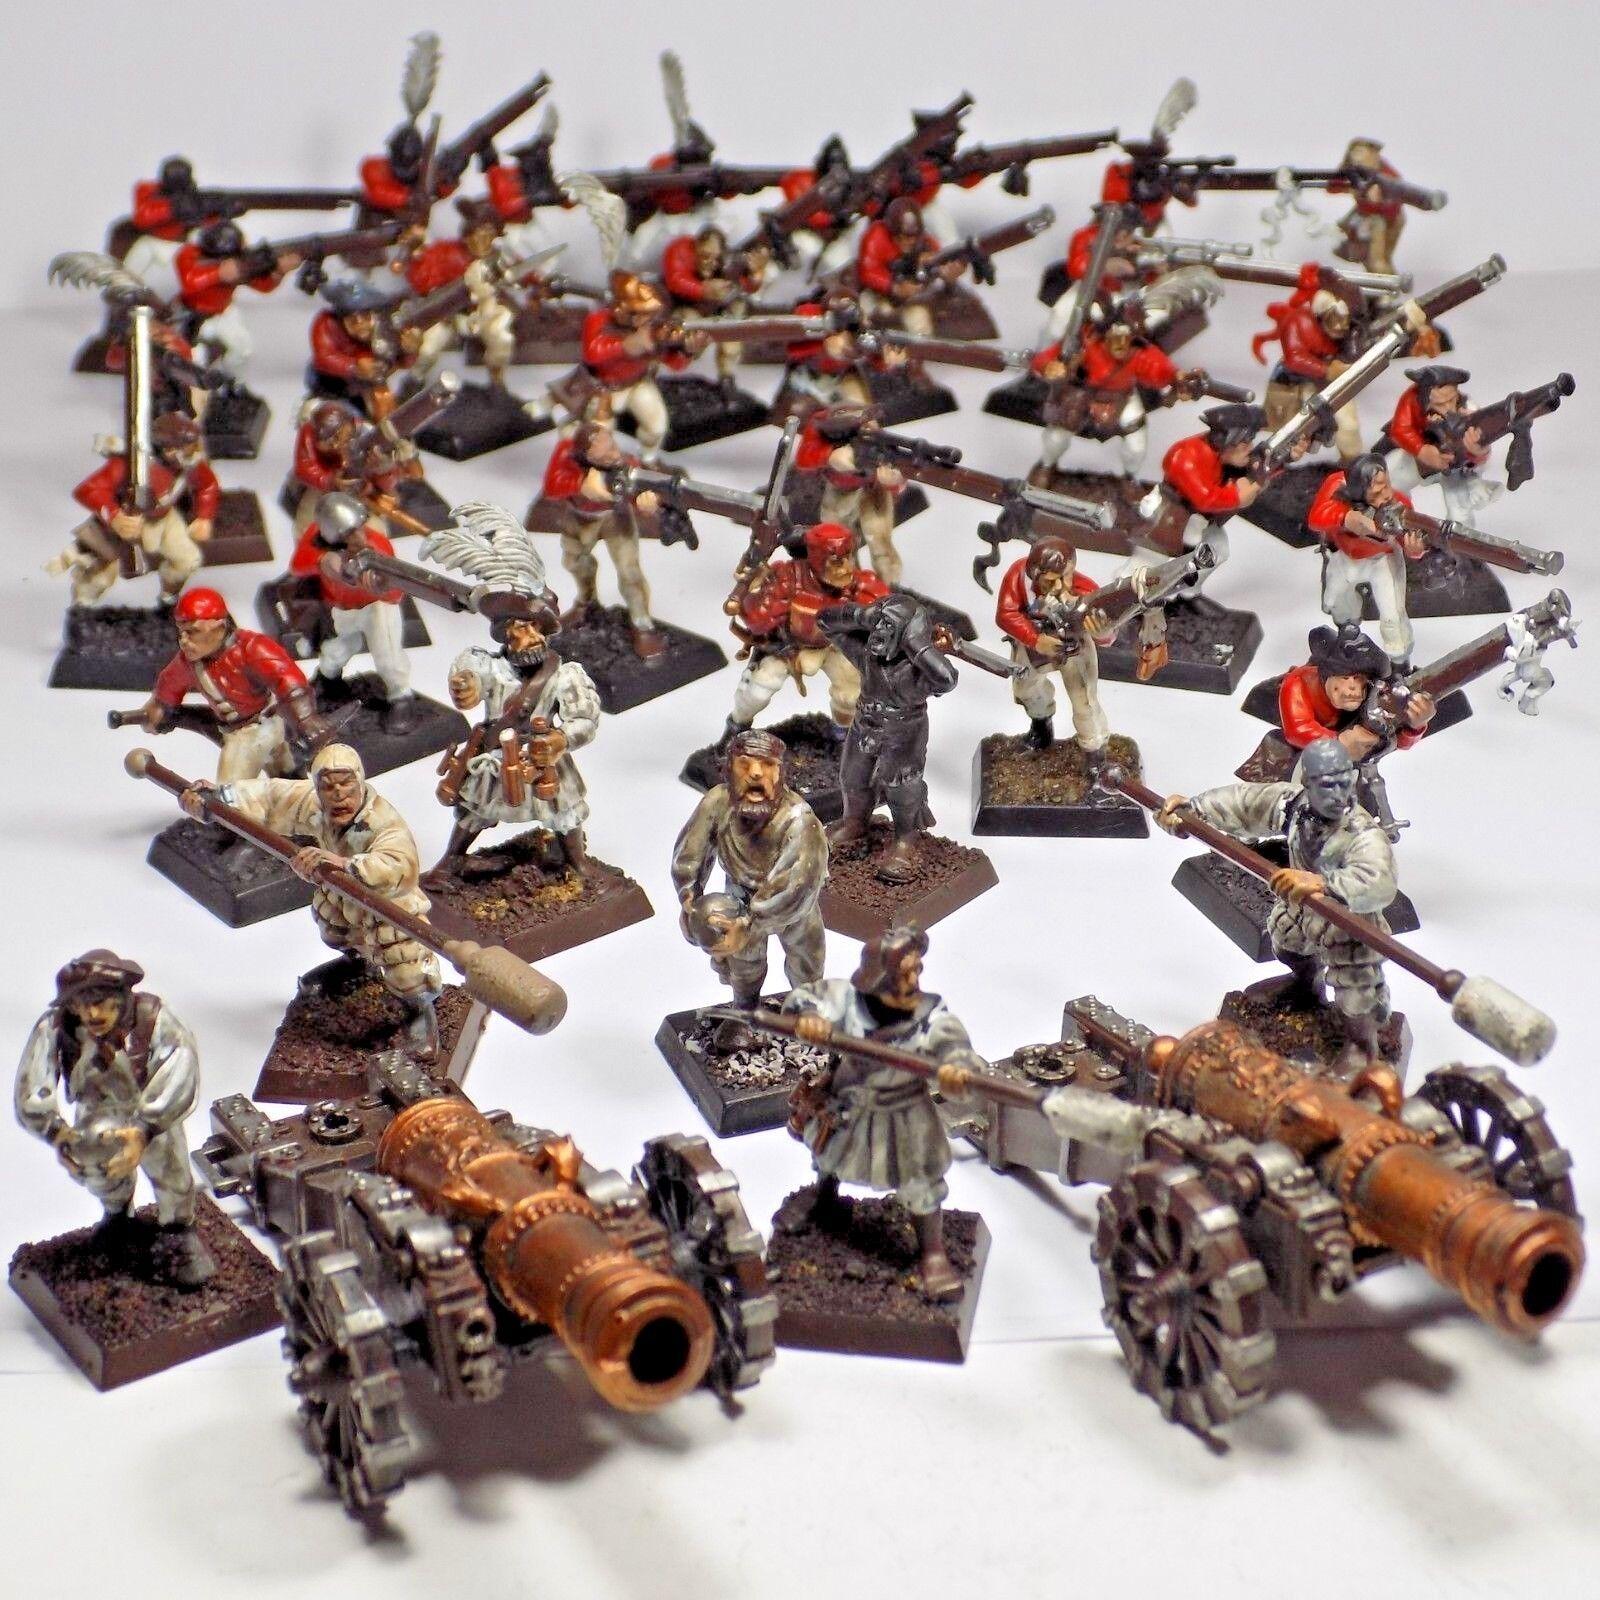 Reich, freie menschen gilde kanone crew handgunners 28mm englischen roten zahlen